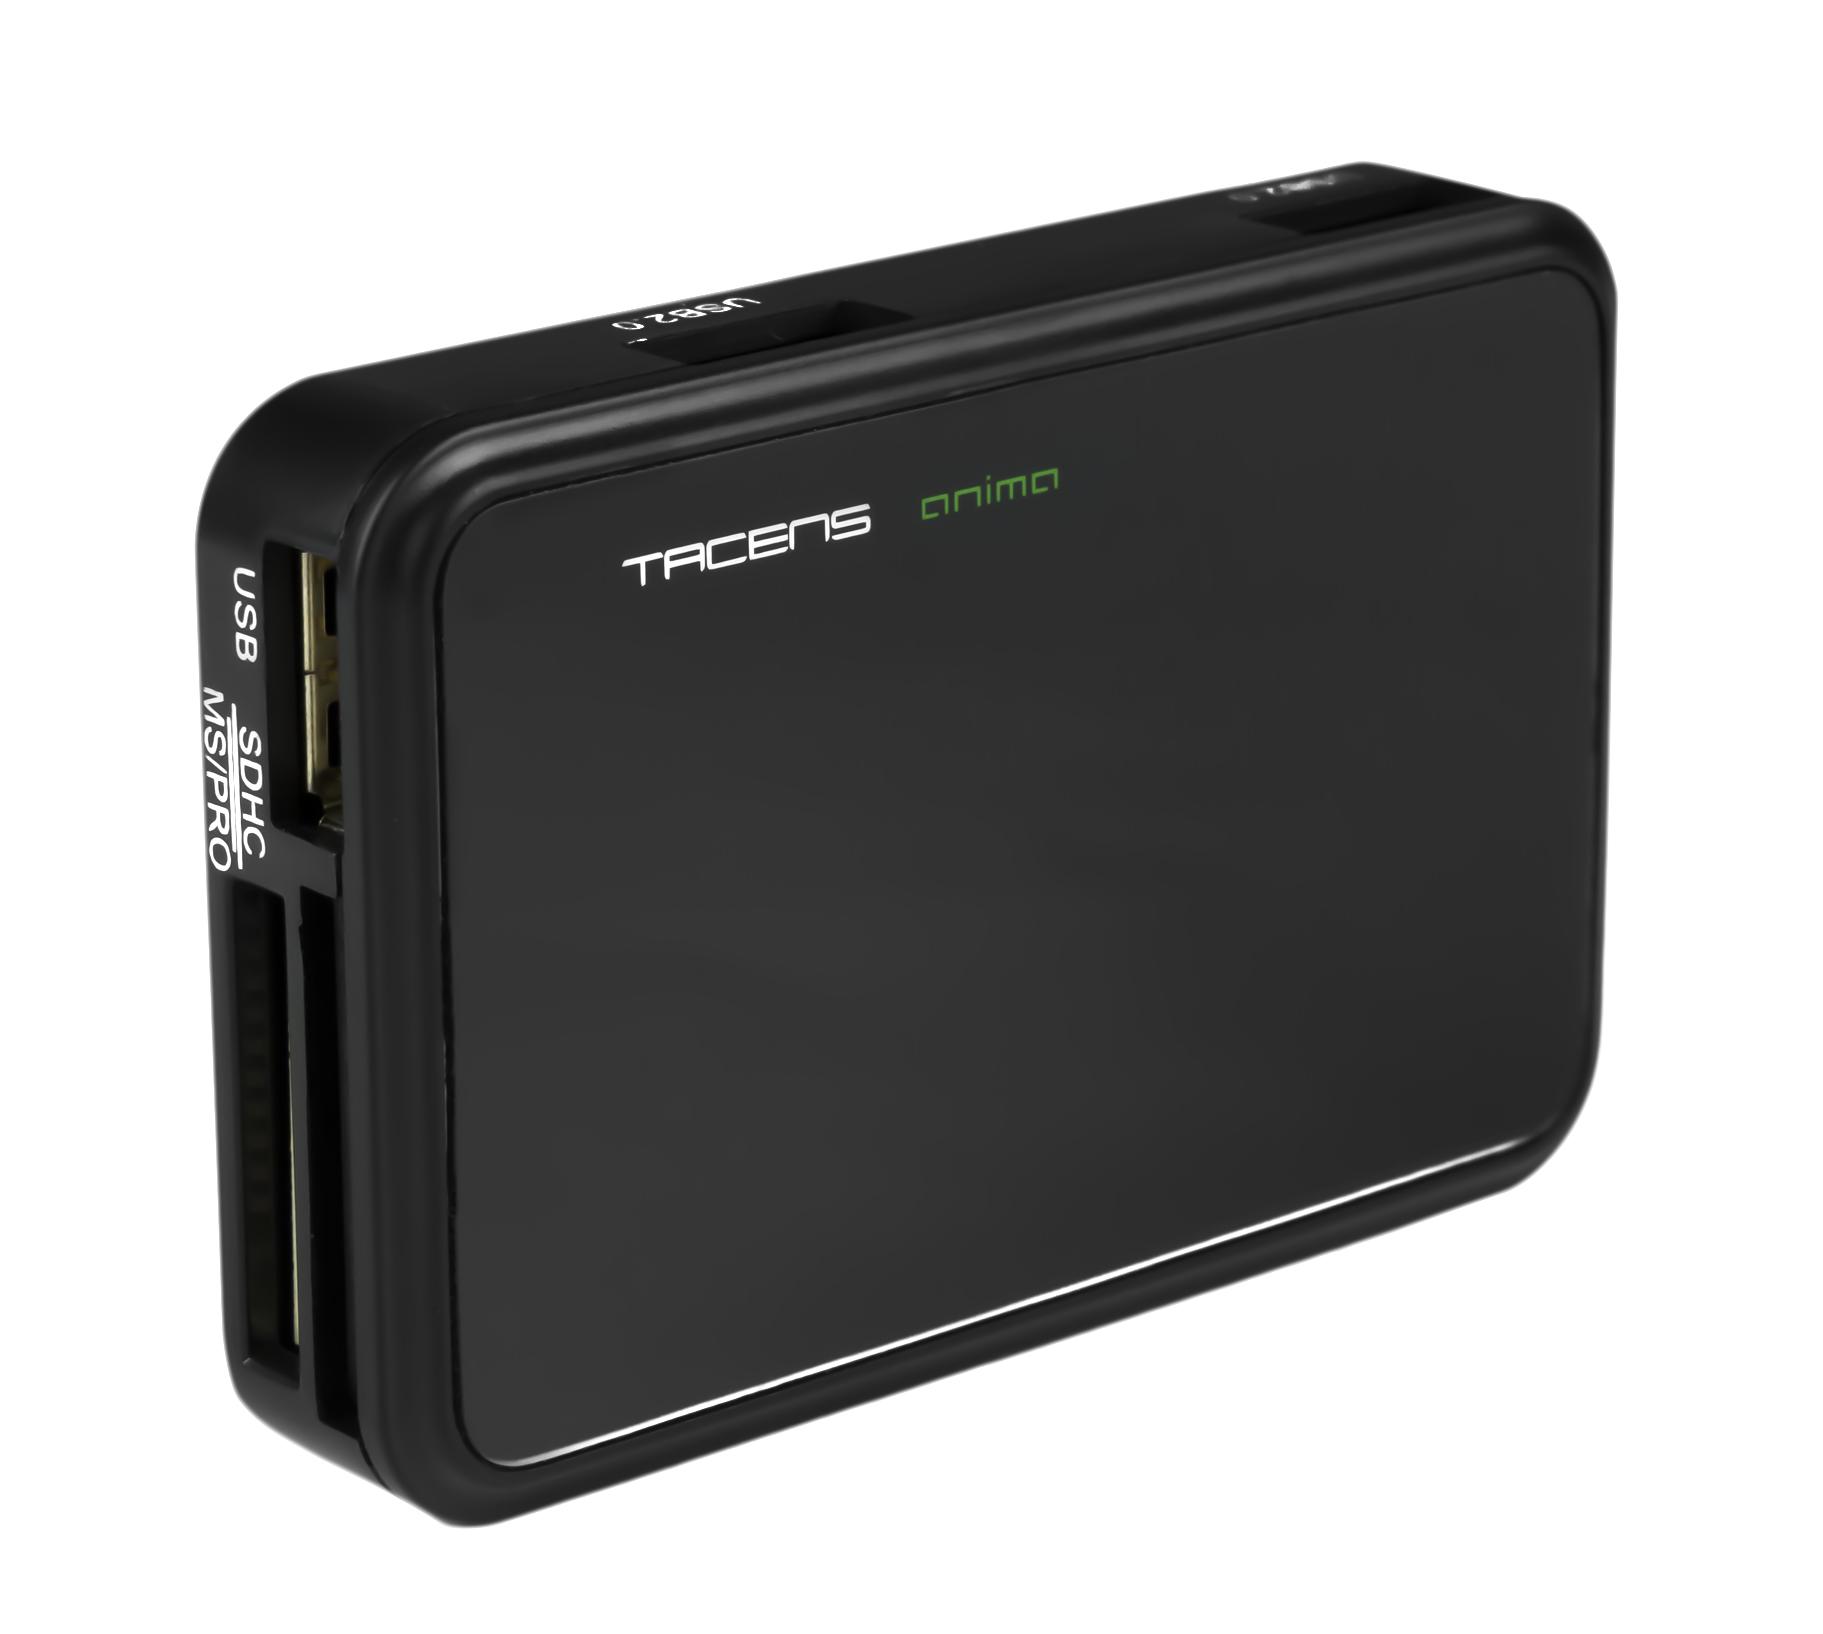 Tacens Anima ACRM3 USB 2.0 Negro lector de tarjeta